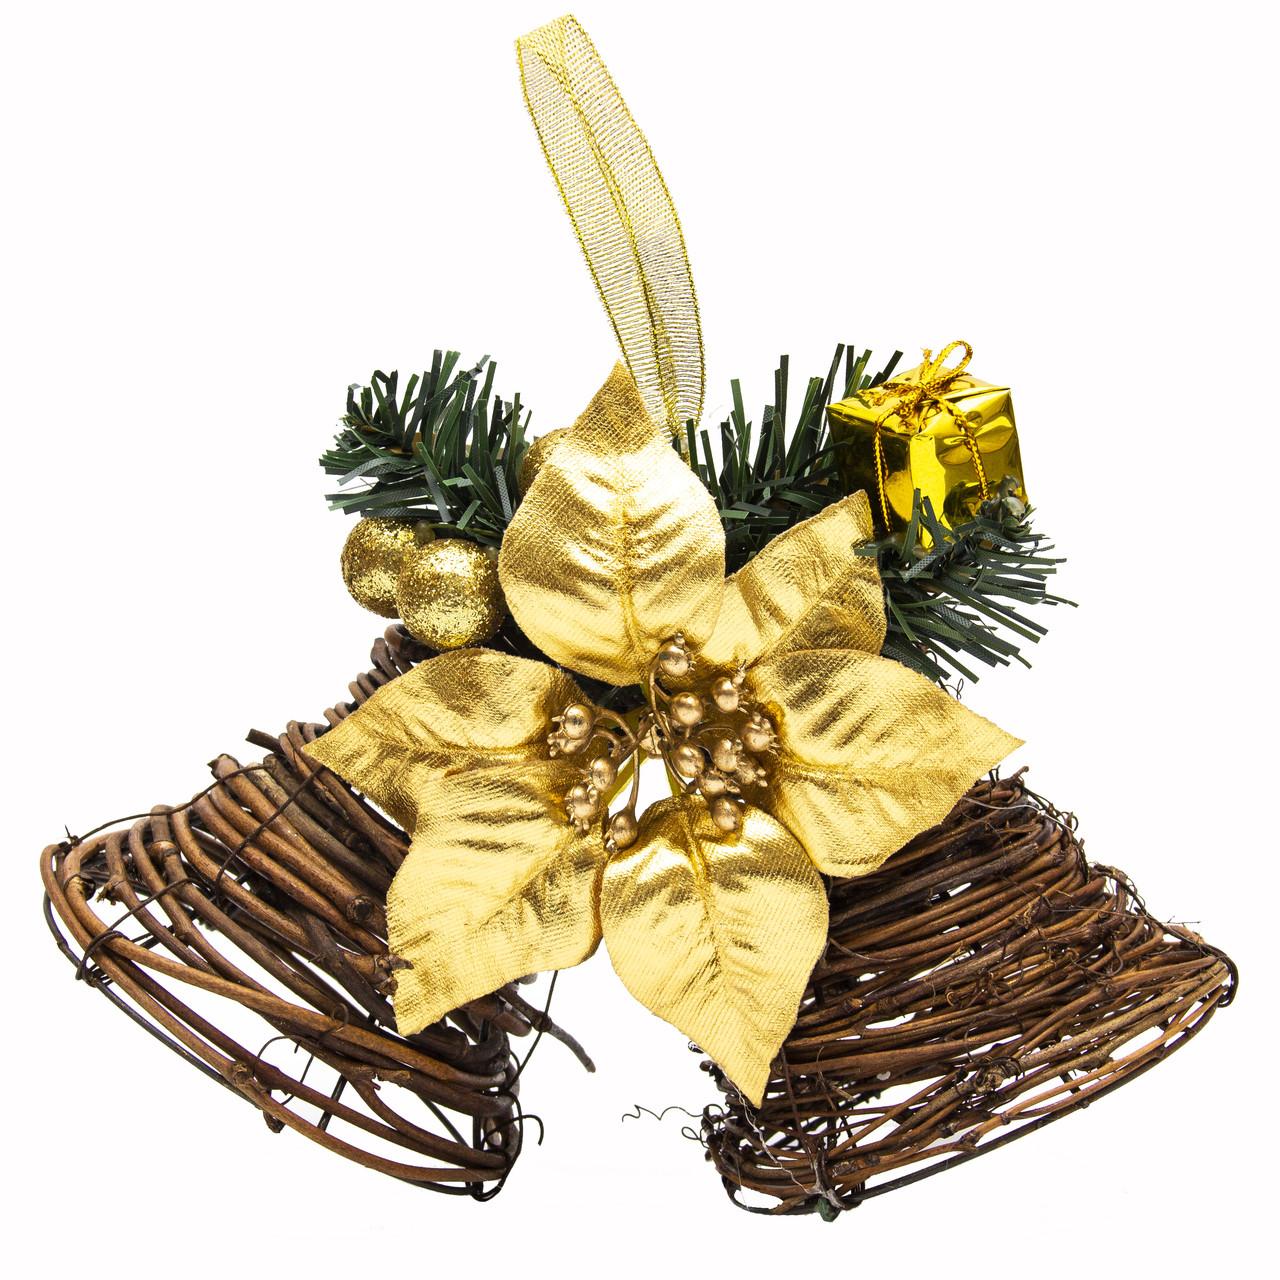 Новогодняя декорация - звоночек двойной с золотой ленточкой, 22, 5 см (930203)